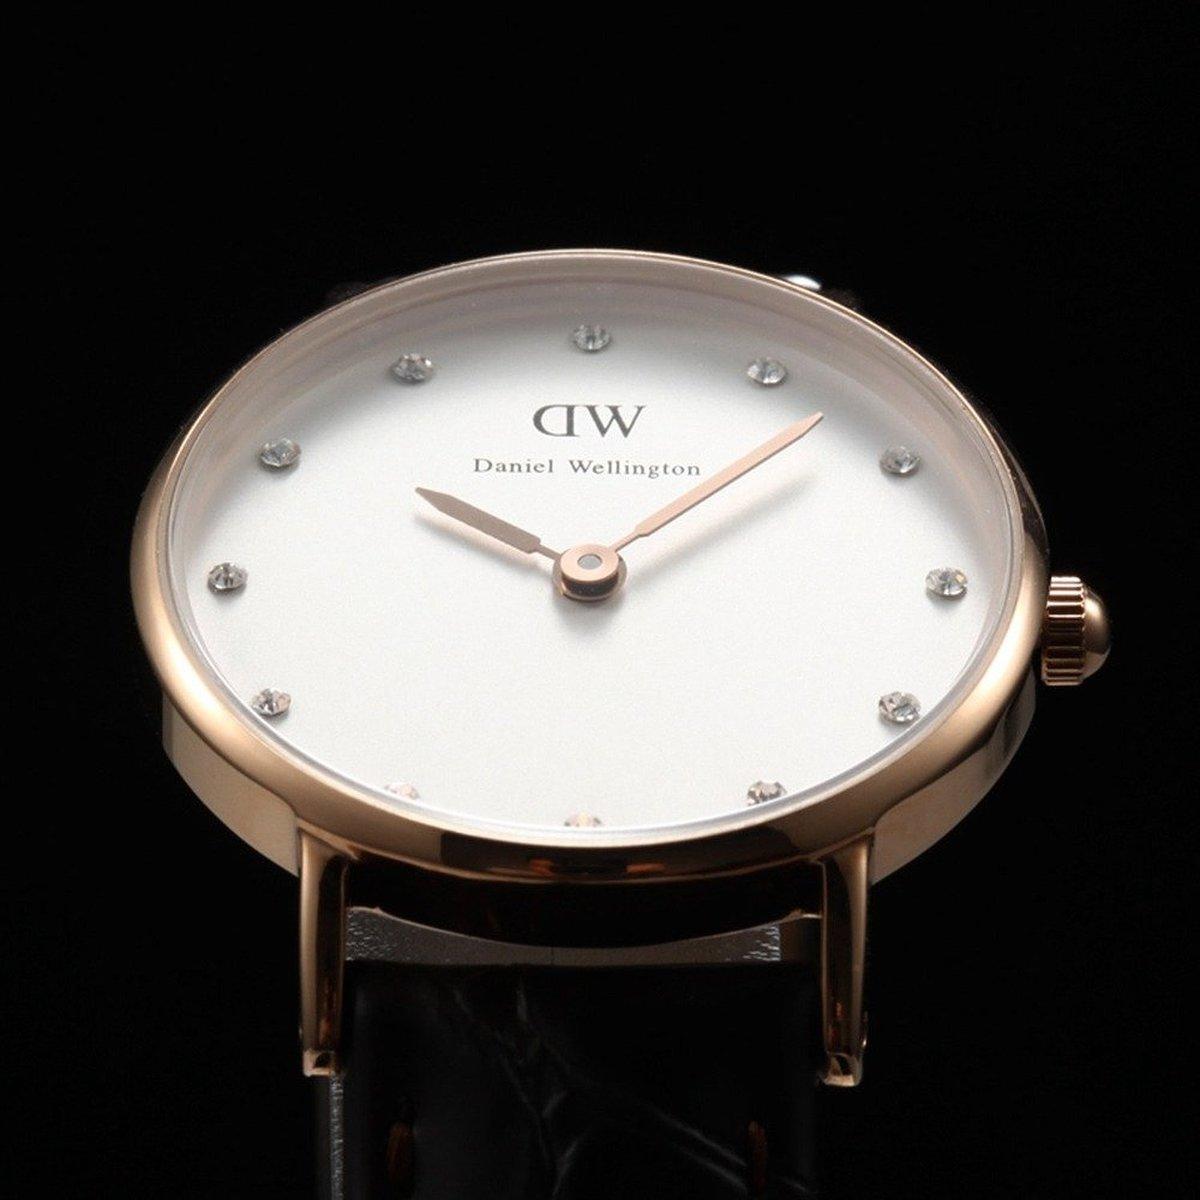 Все часы оснащены сверхточным японским кварцевым механизмом, что уже давно подтвердили многие часовые компании.